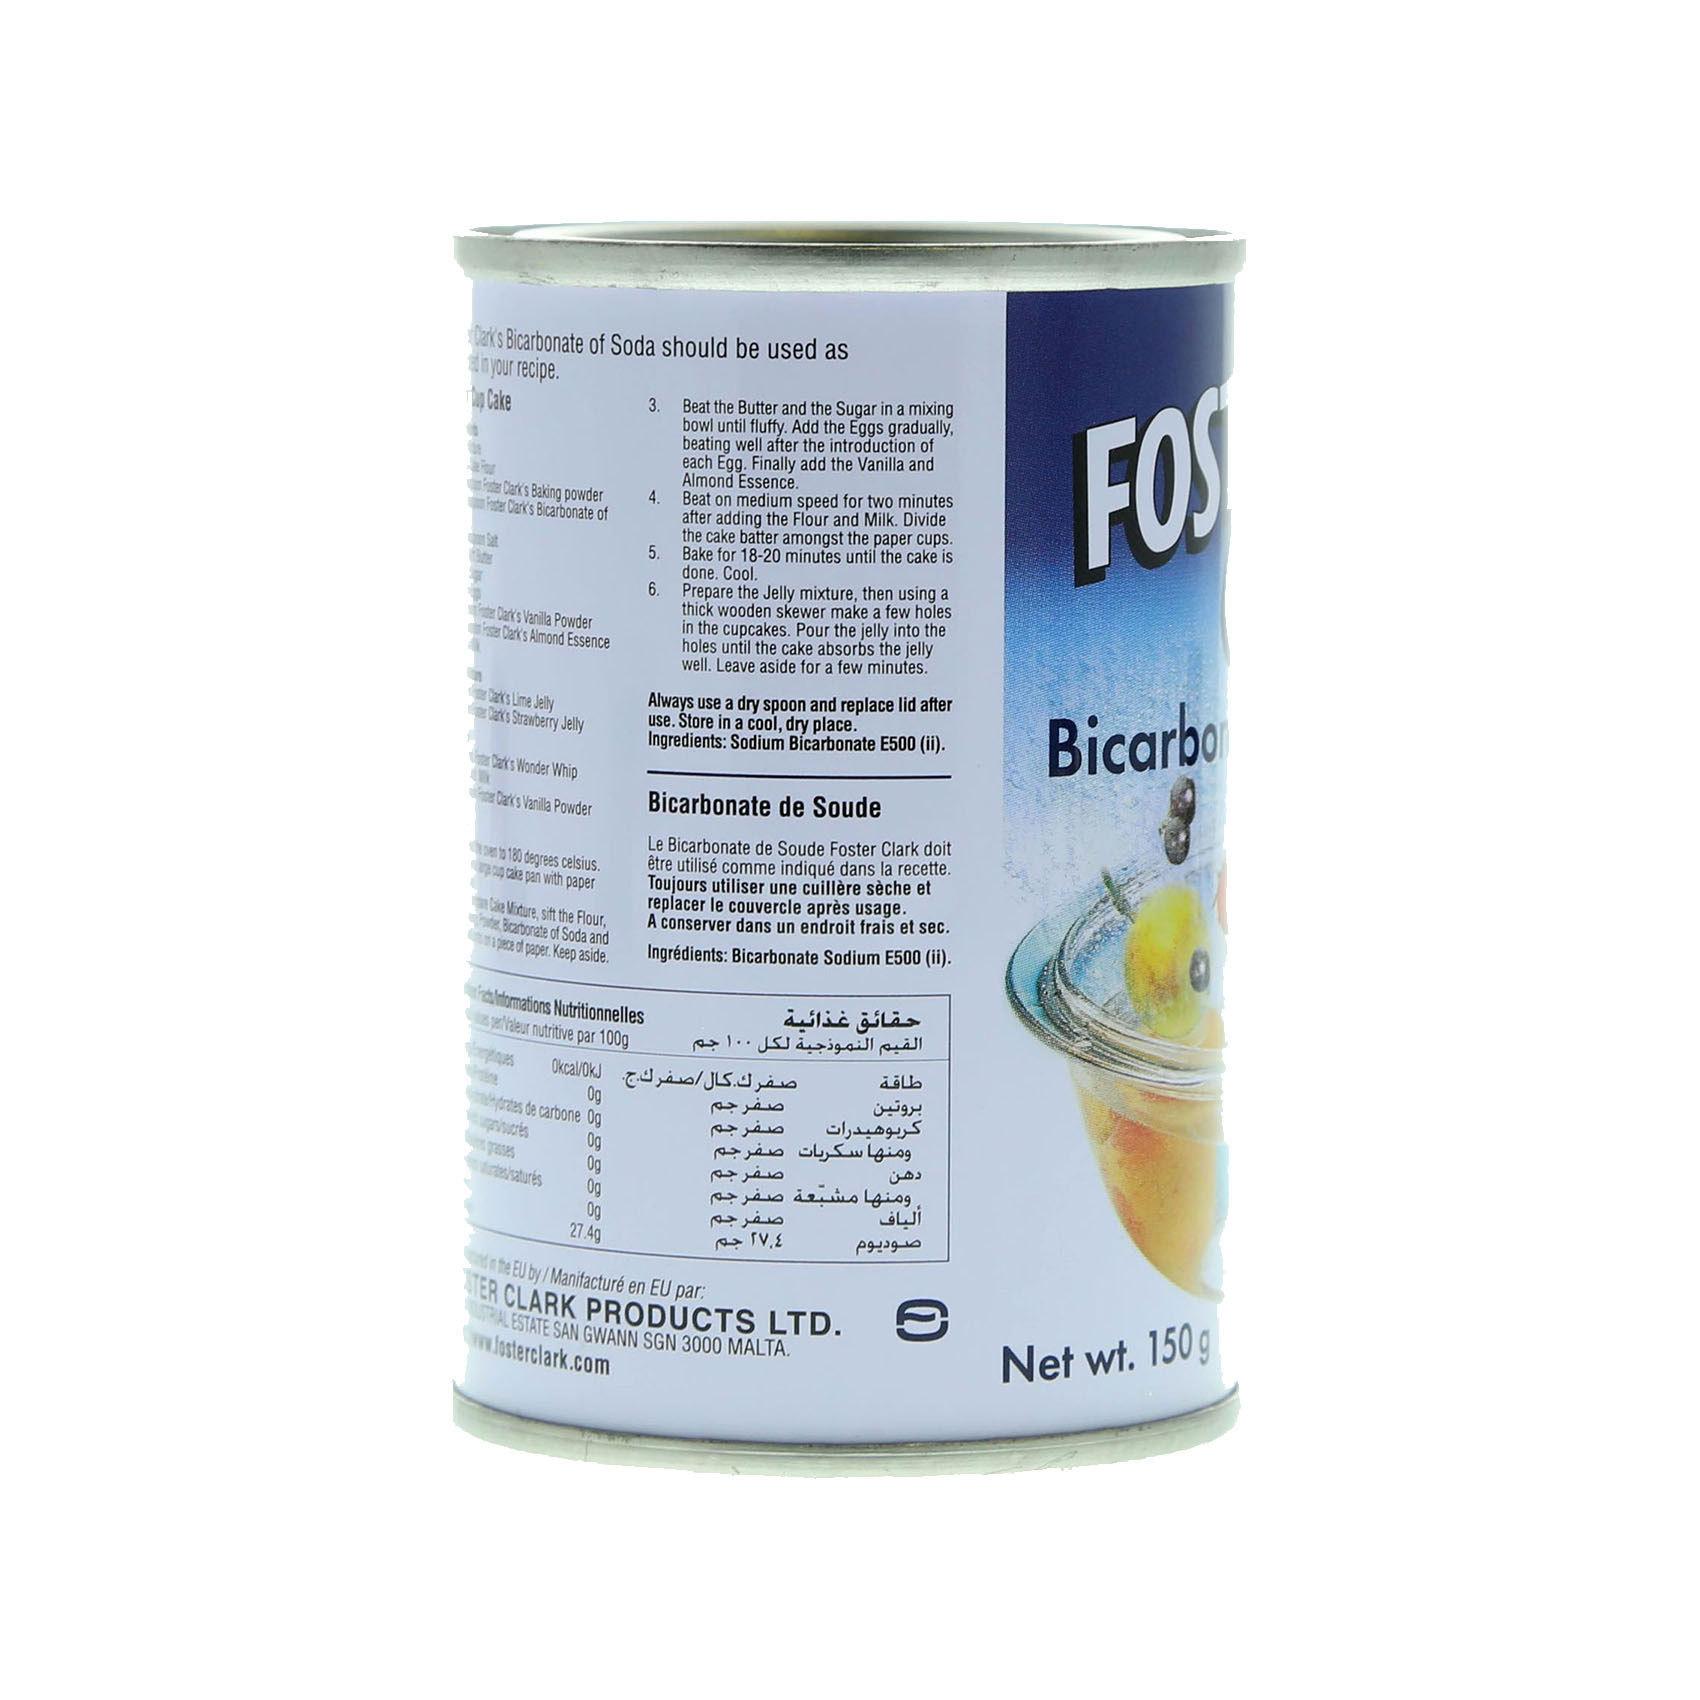 FOSTER CLARK BICORBONATE SODA 150GR